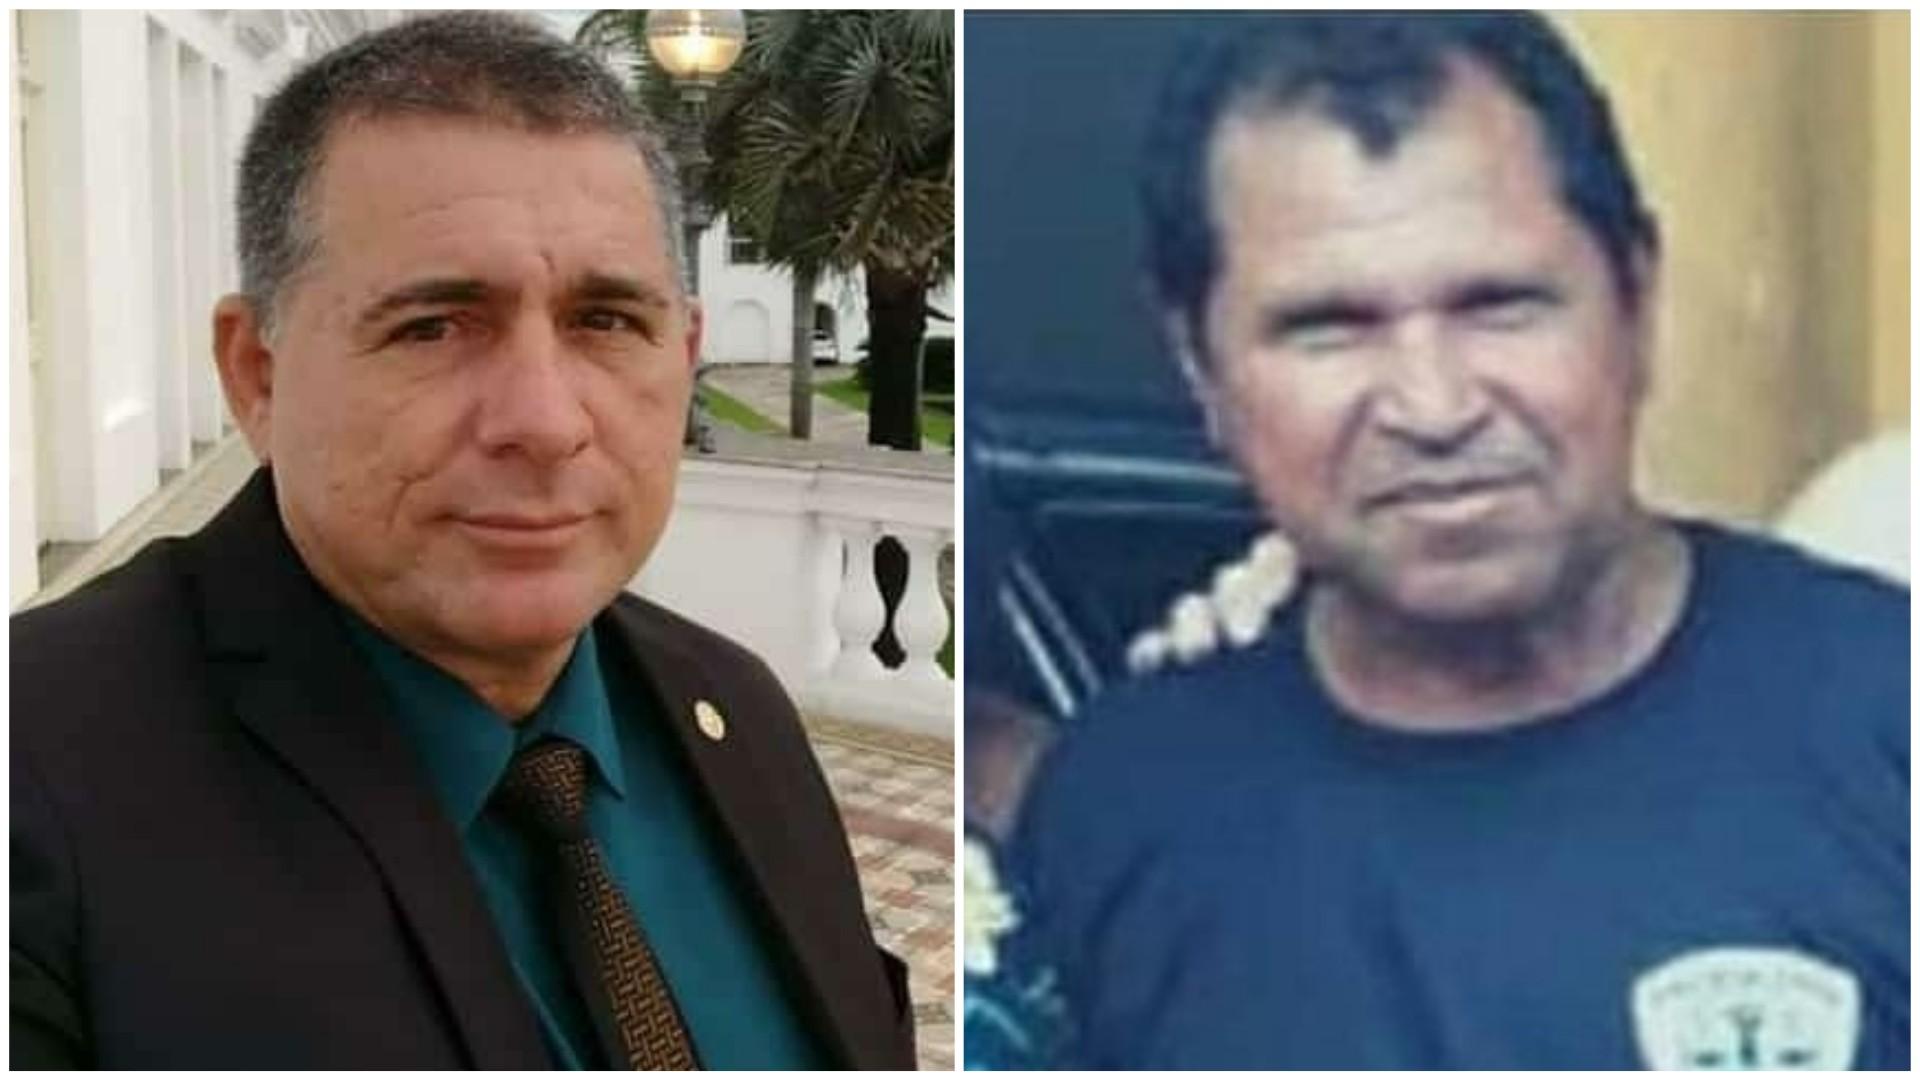 Investigador e policial militar morrem em decorrência da Covid-19 em São Luís